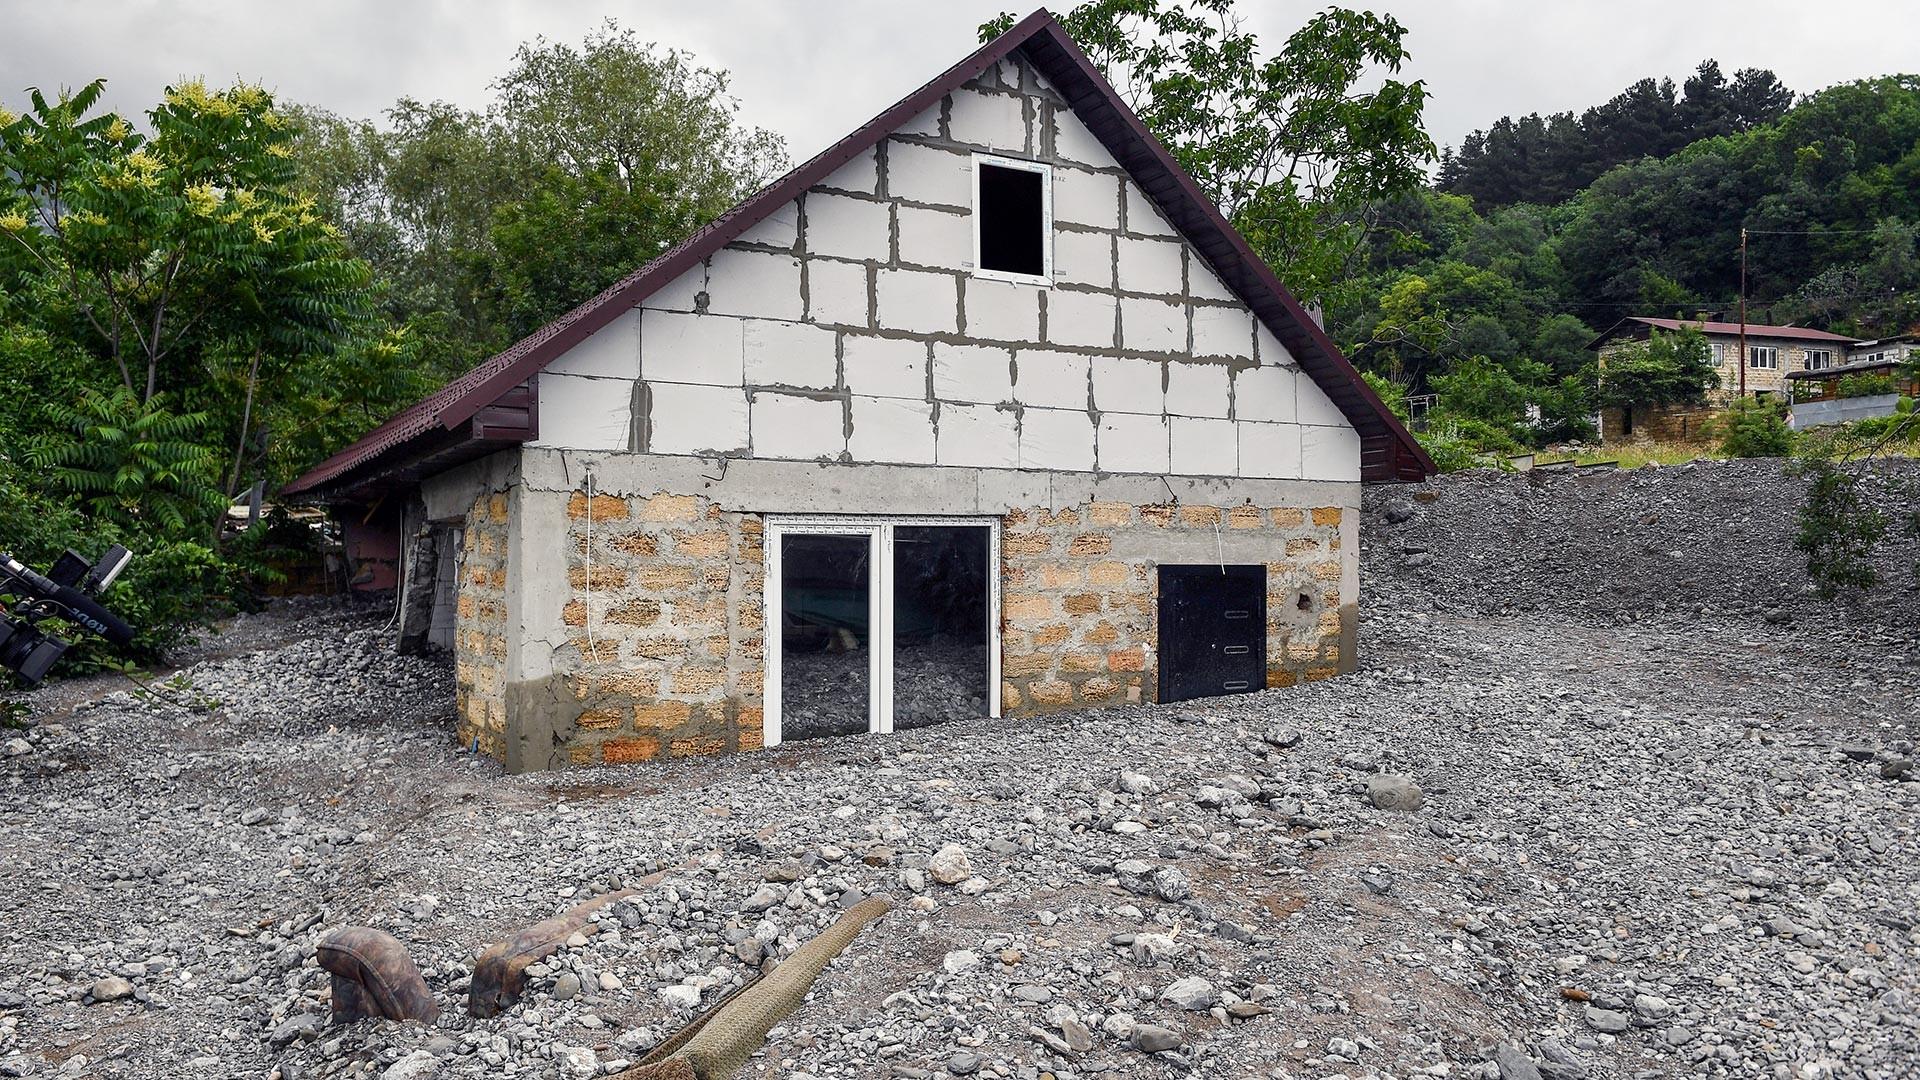 На Криму су биле обилне кише које су проузроковале поплаве. У селу Васиљевка Јалтинског региона поплављено је 10 кућа, од којих је неколико потпуно отишло под воду.